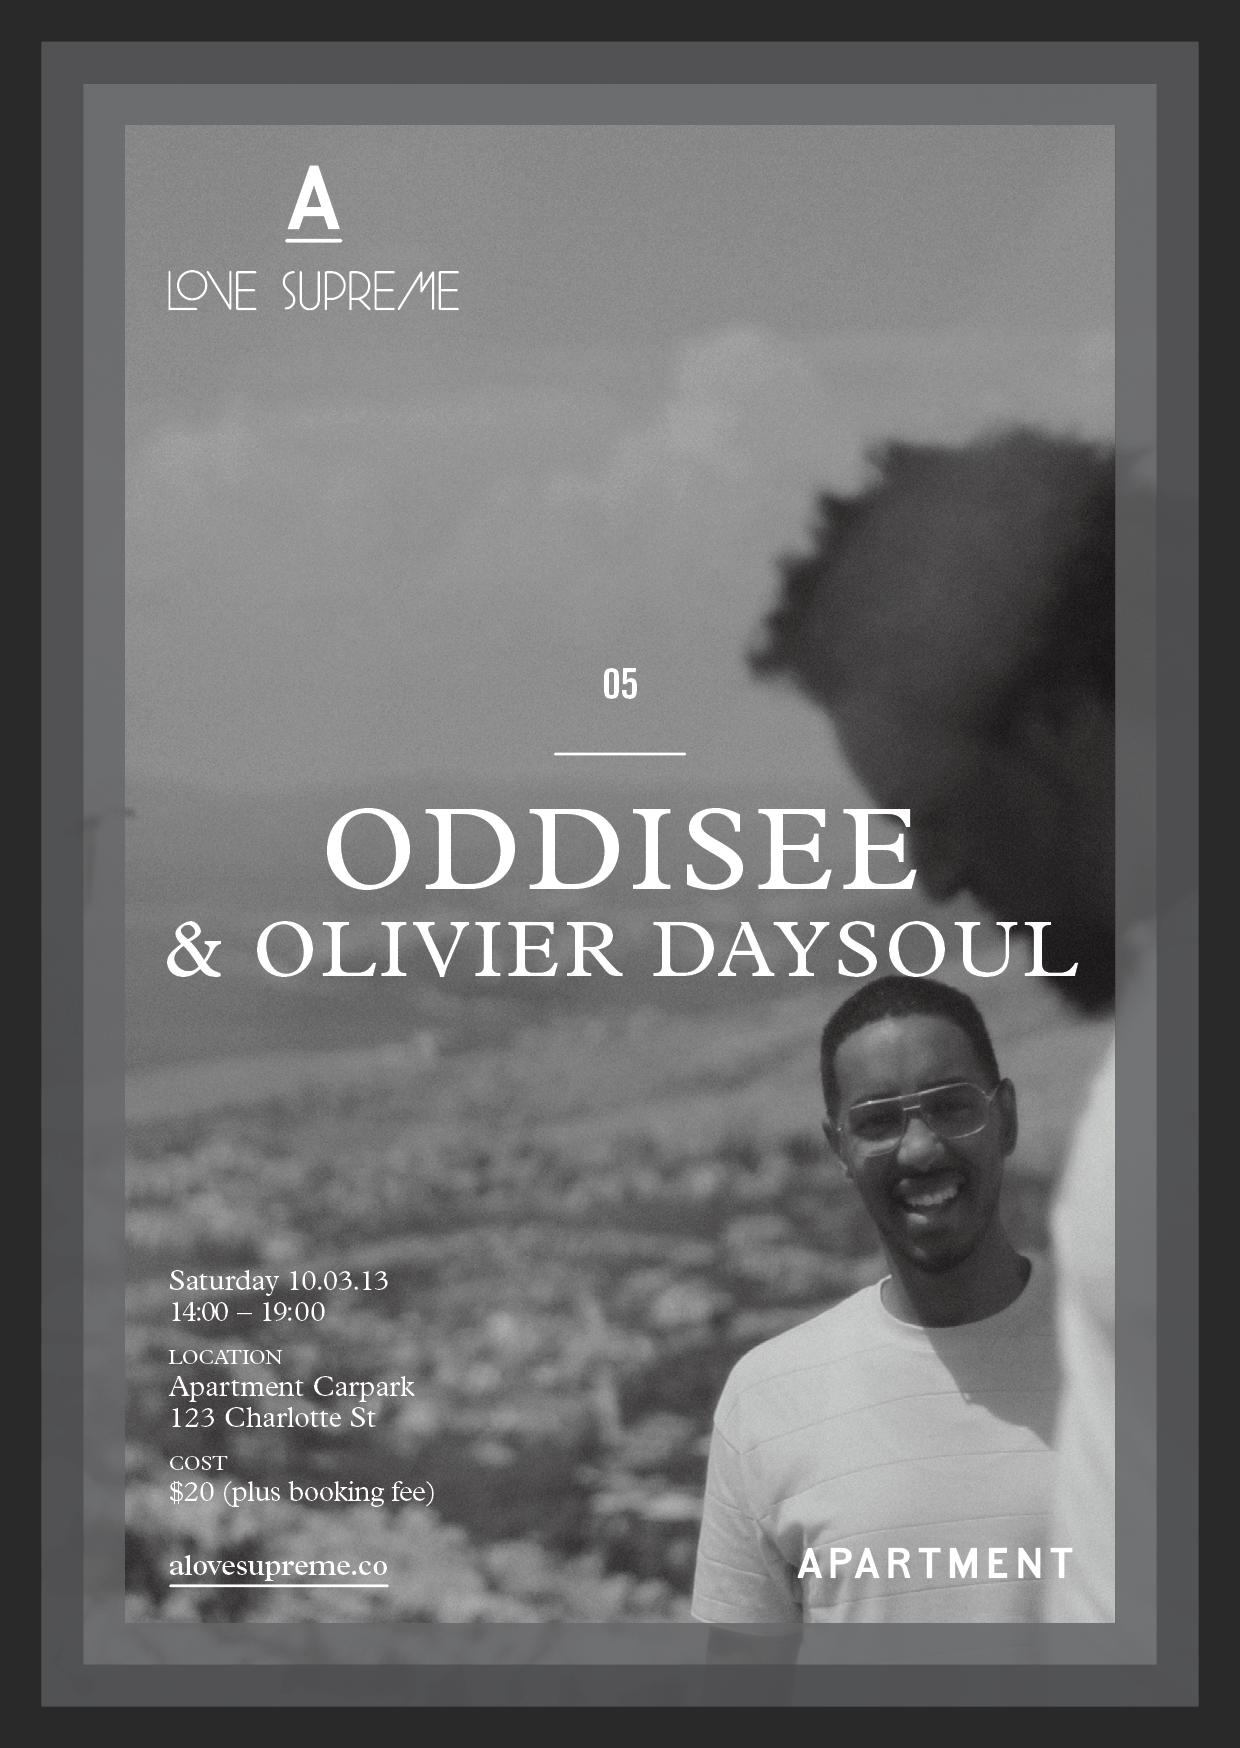 ALS-alovesupreme-05-oddisee-olivier-daysoul-postcard-press-.png